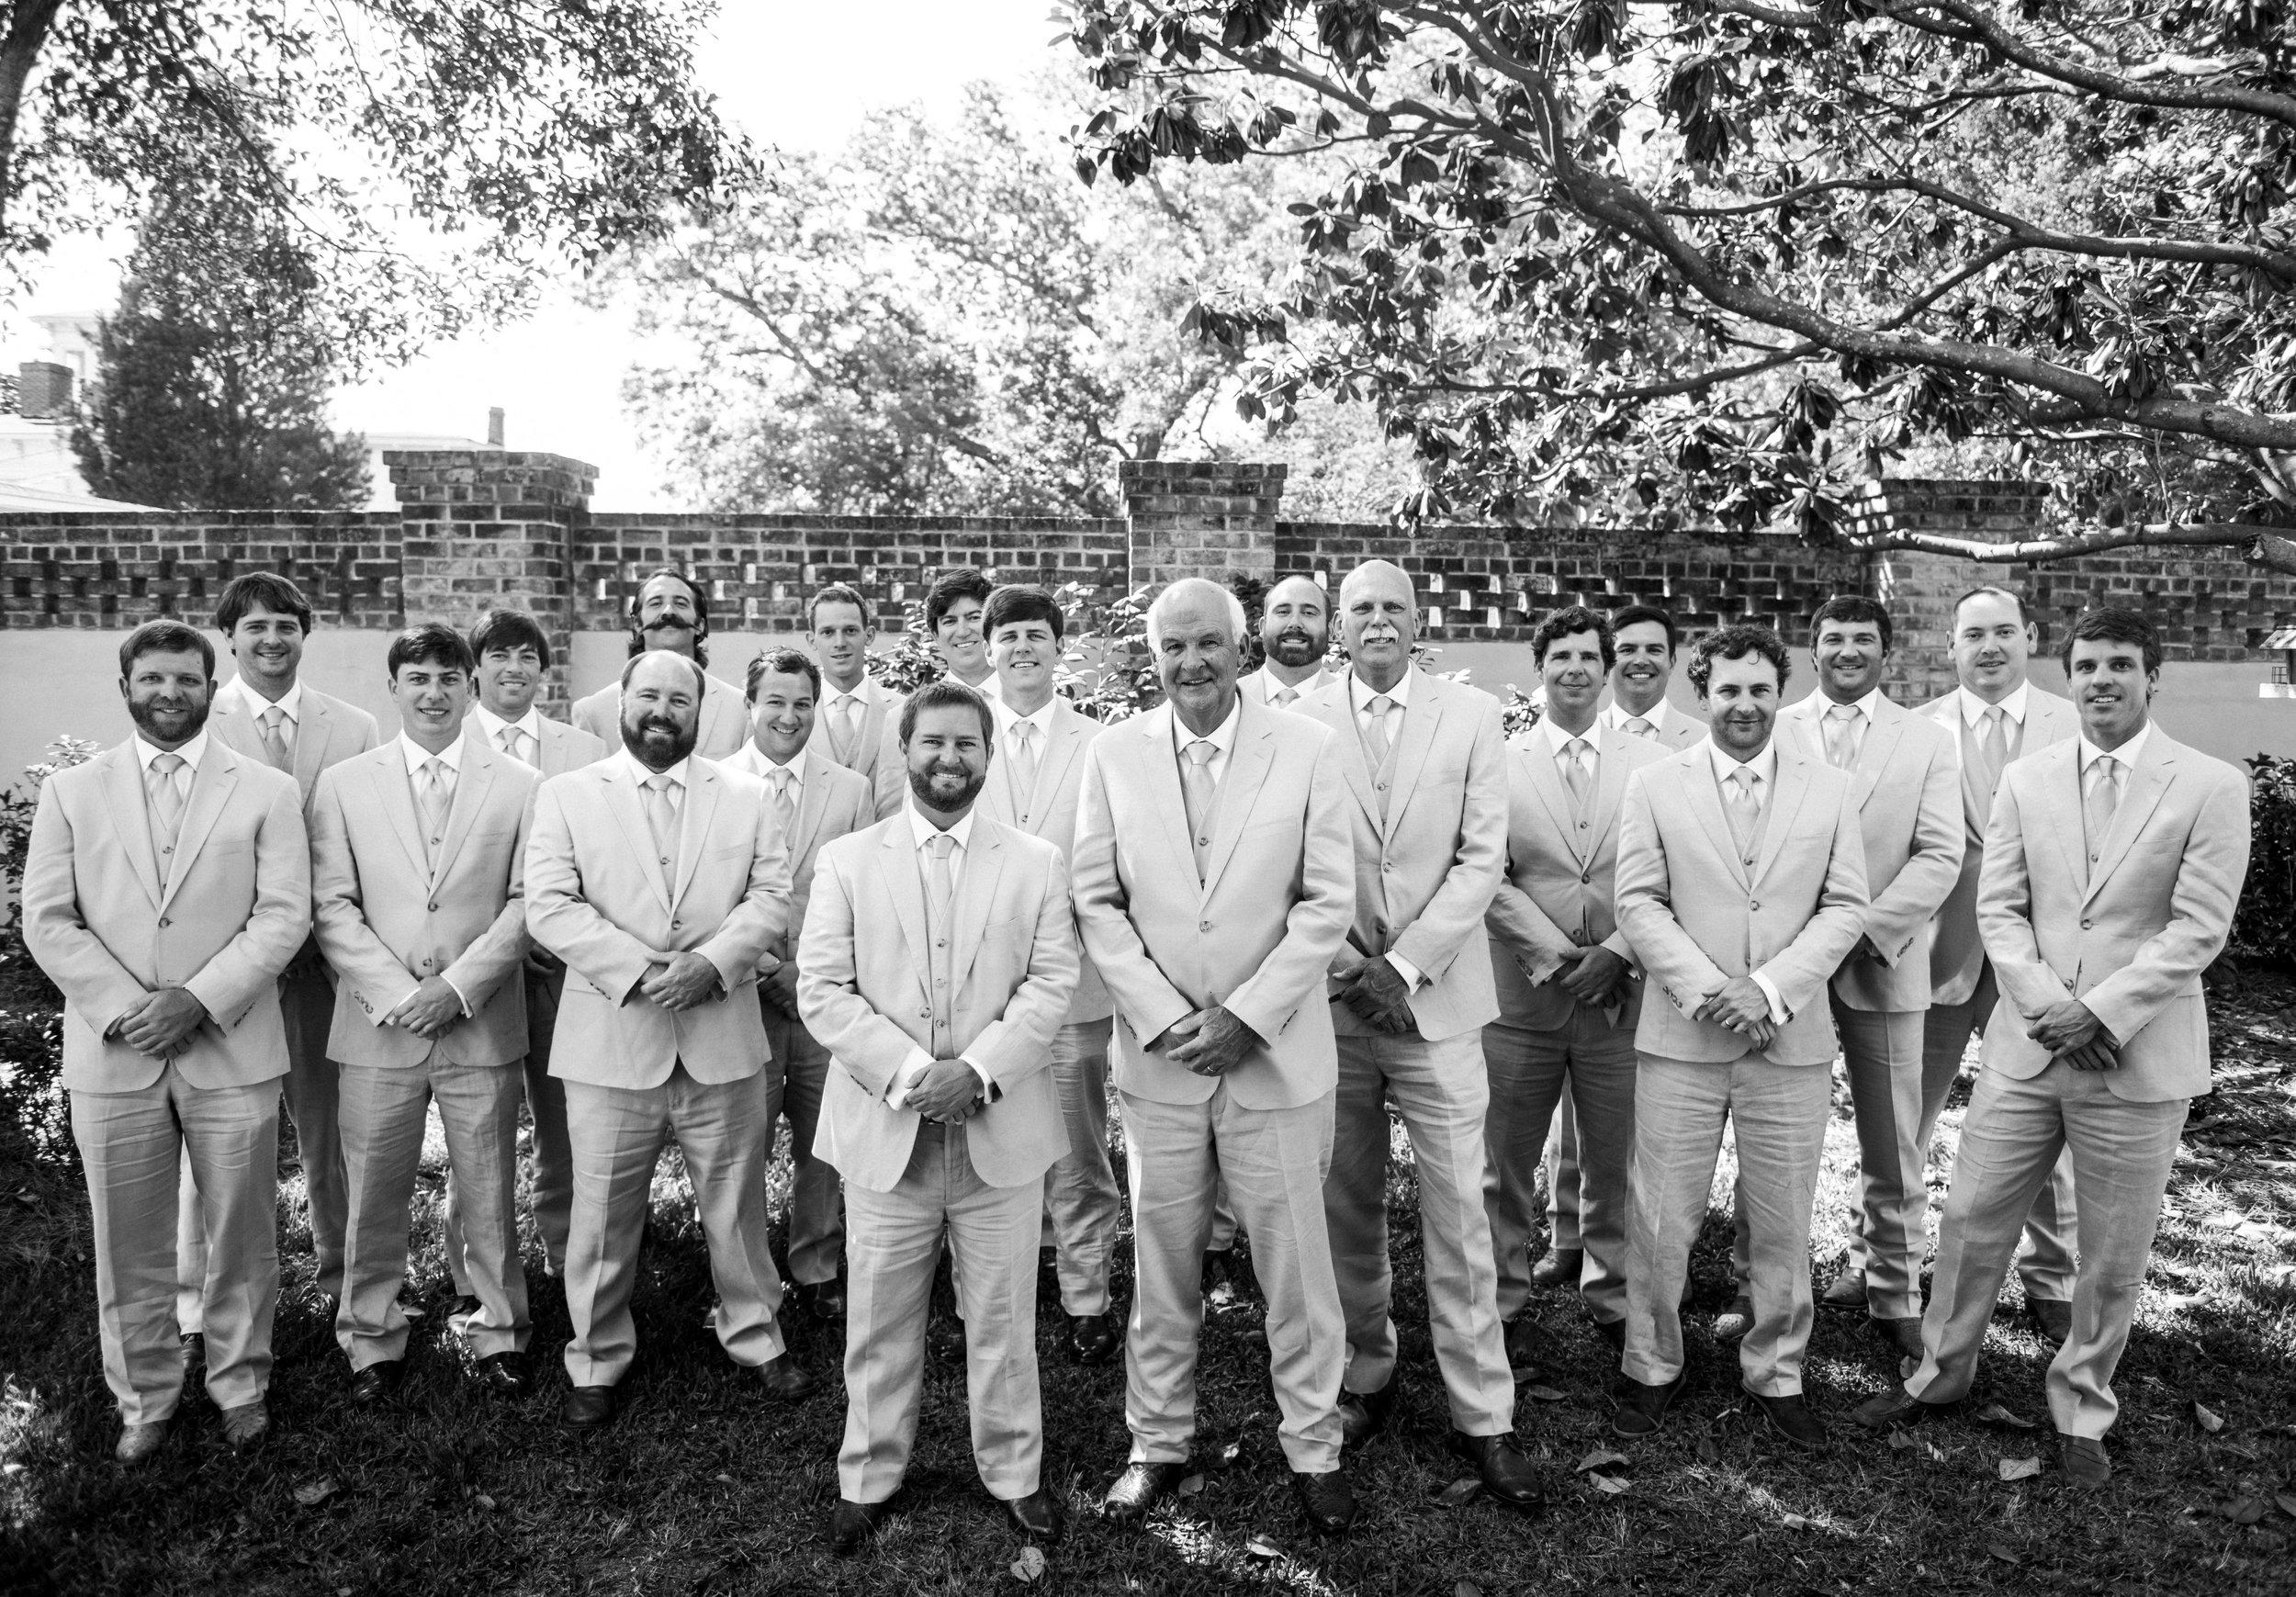 Alex-and-Joel-Pawelys-Plantation-Golf-and-Country-Club-Wedding-83.jpg